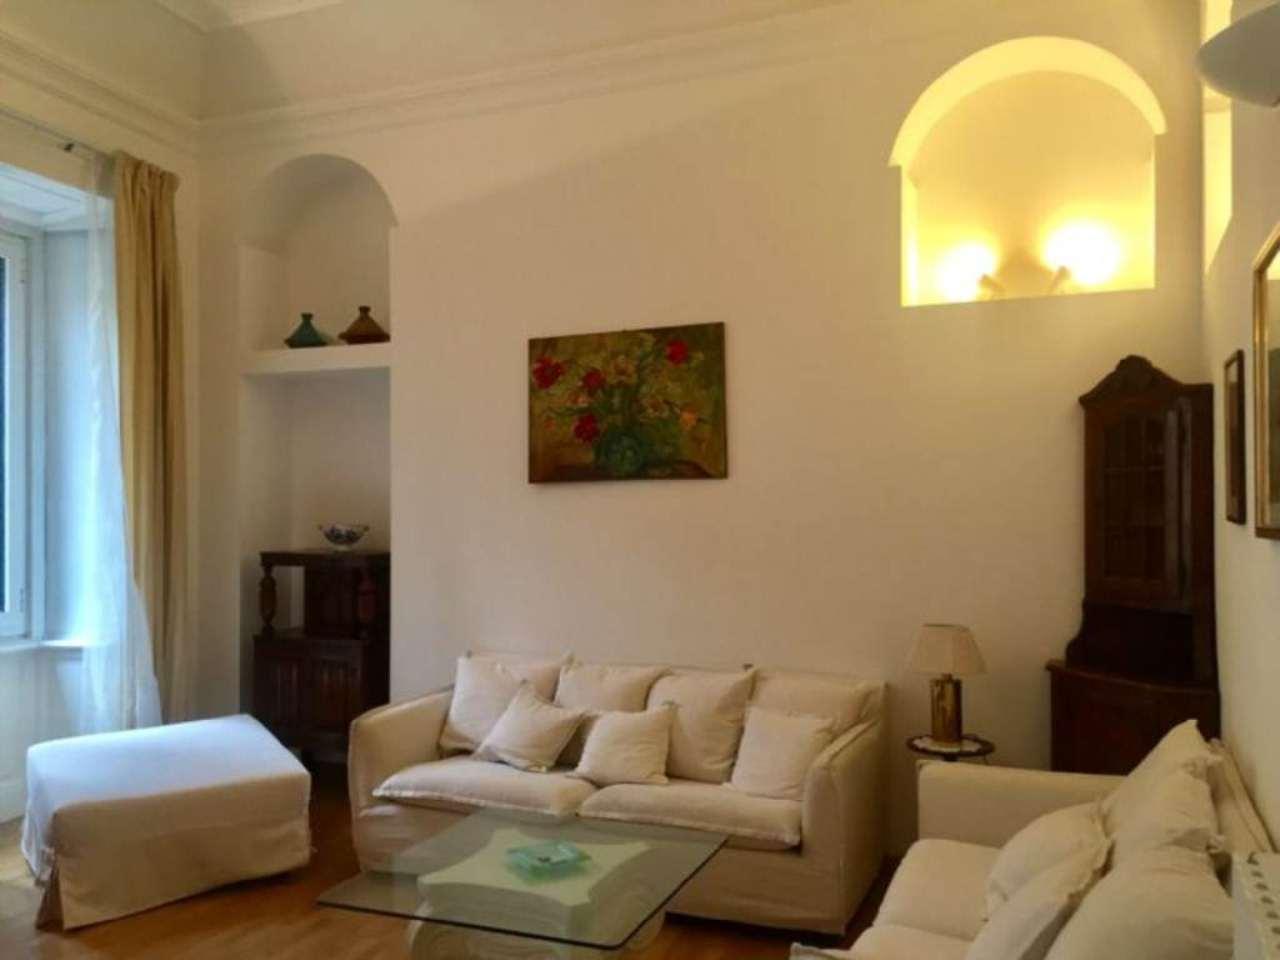 Appartamento in vendita a Milano, 3 locali, zona Zona: 1 . Centro Storico, Duomo, Brera, Cadorna, Cattolica, prezzo € 720.000   Cambio Casa.it